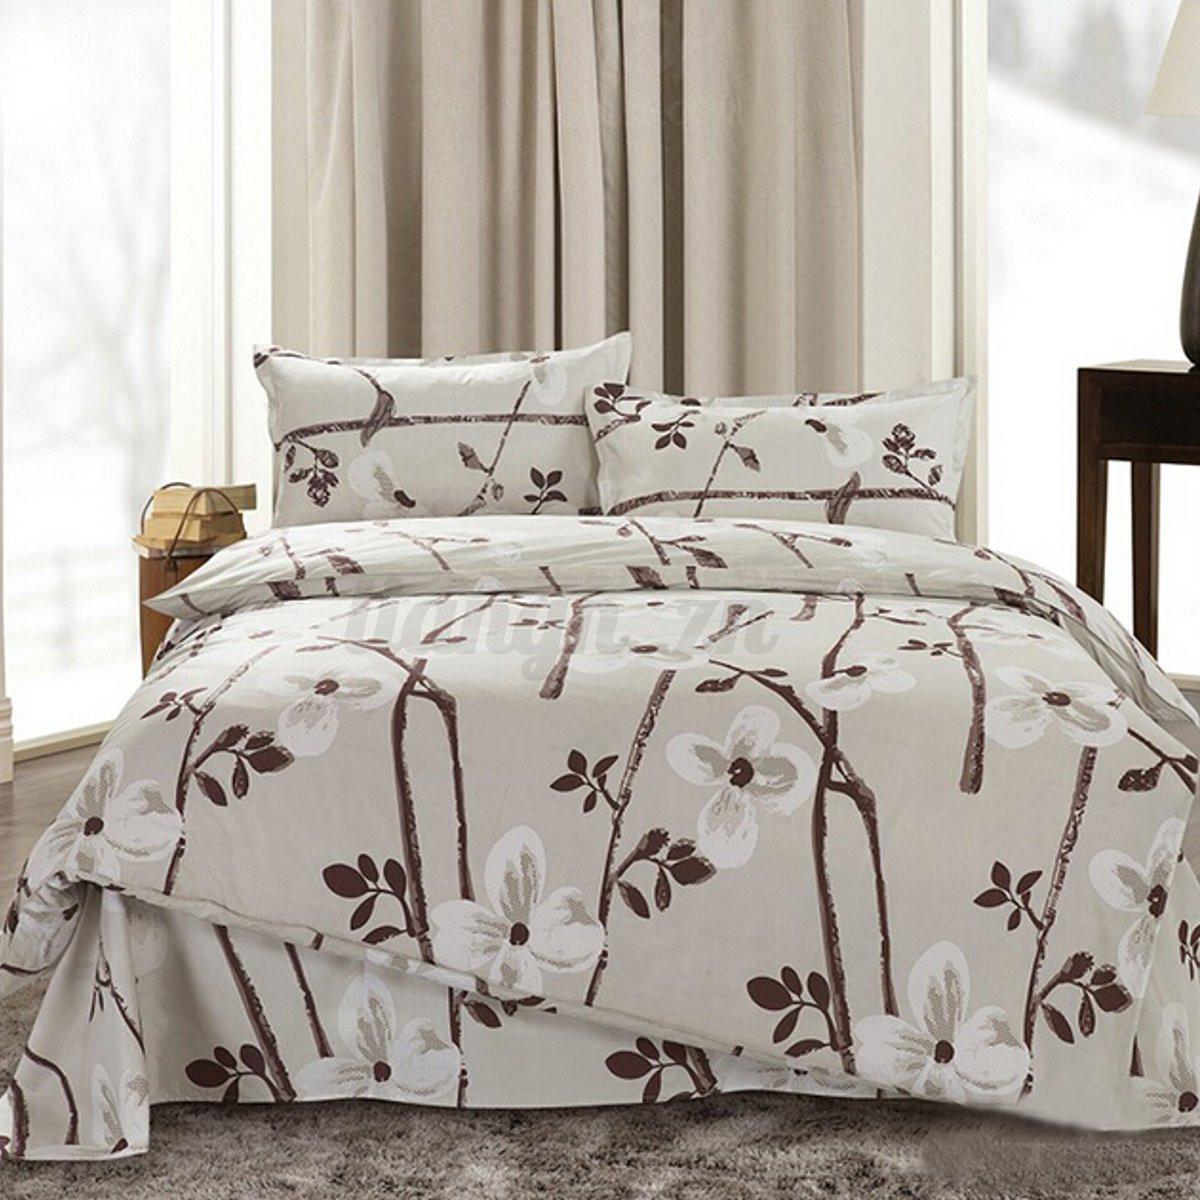 3 4pcs couvre taies oreiller parure de lit couverture for Housse couette couvre lit